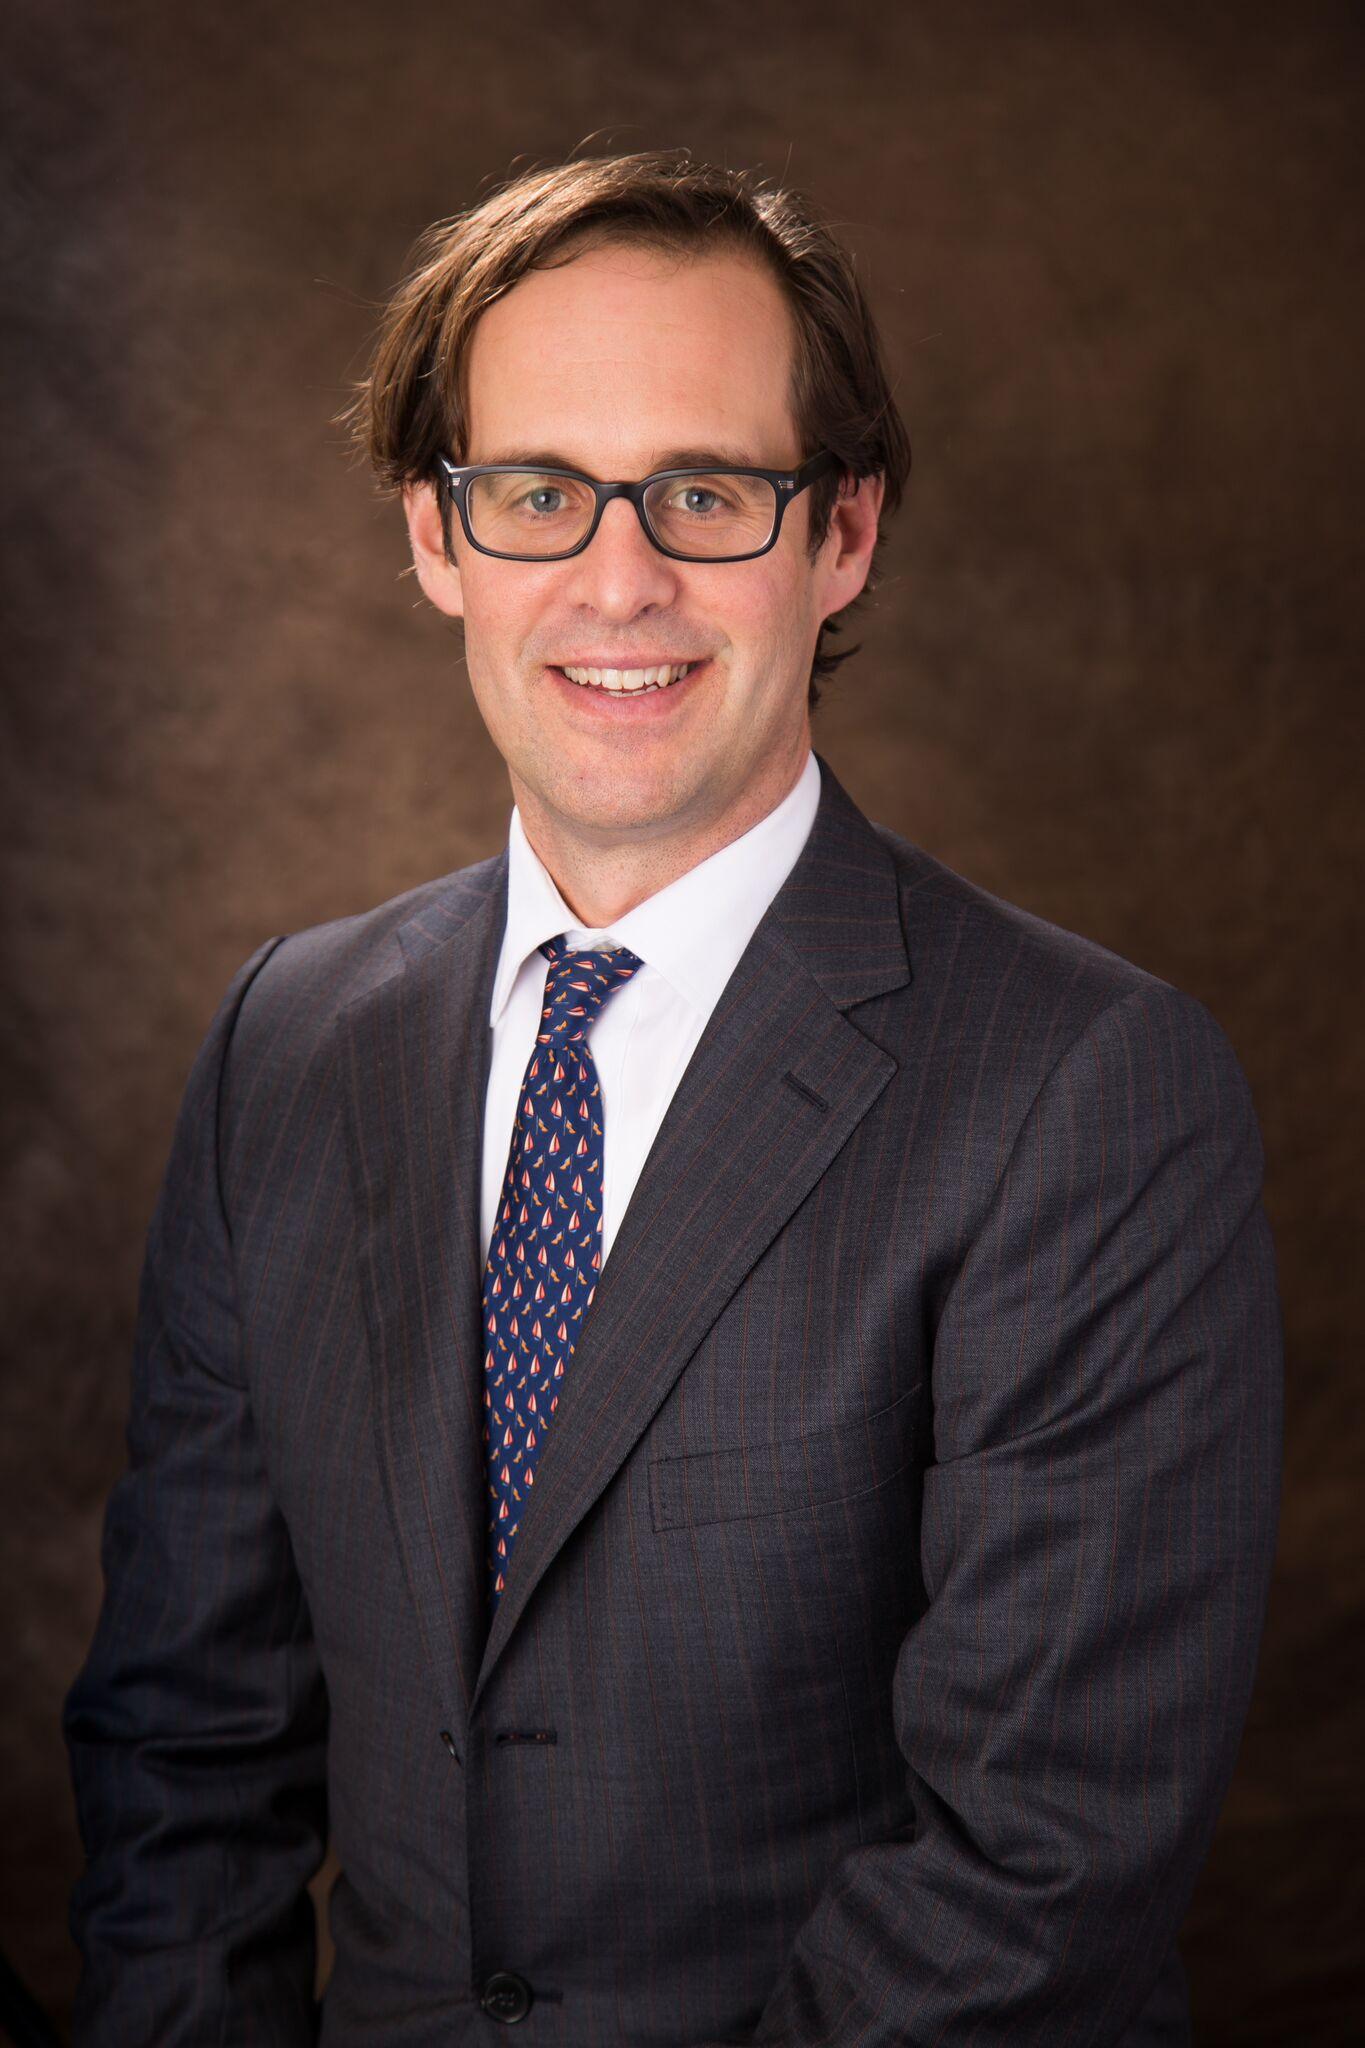 T. Peter Kingham, M.D.